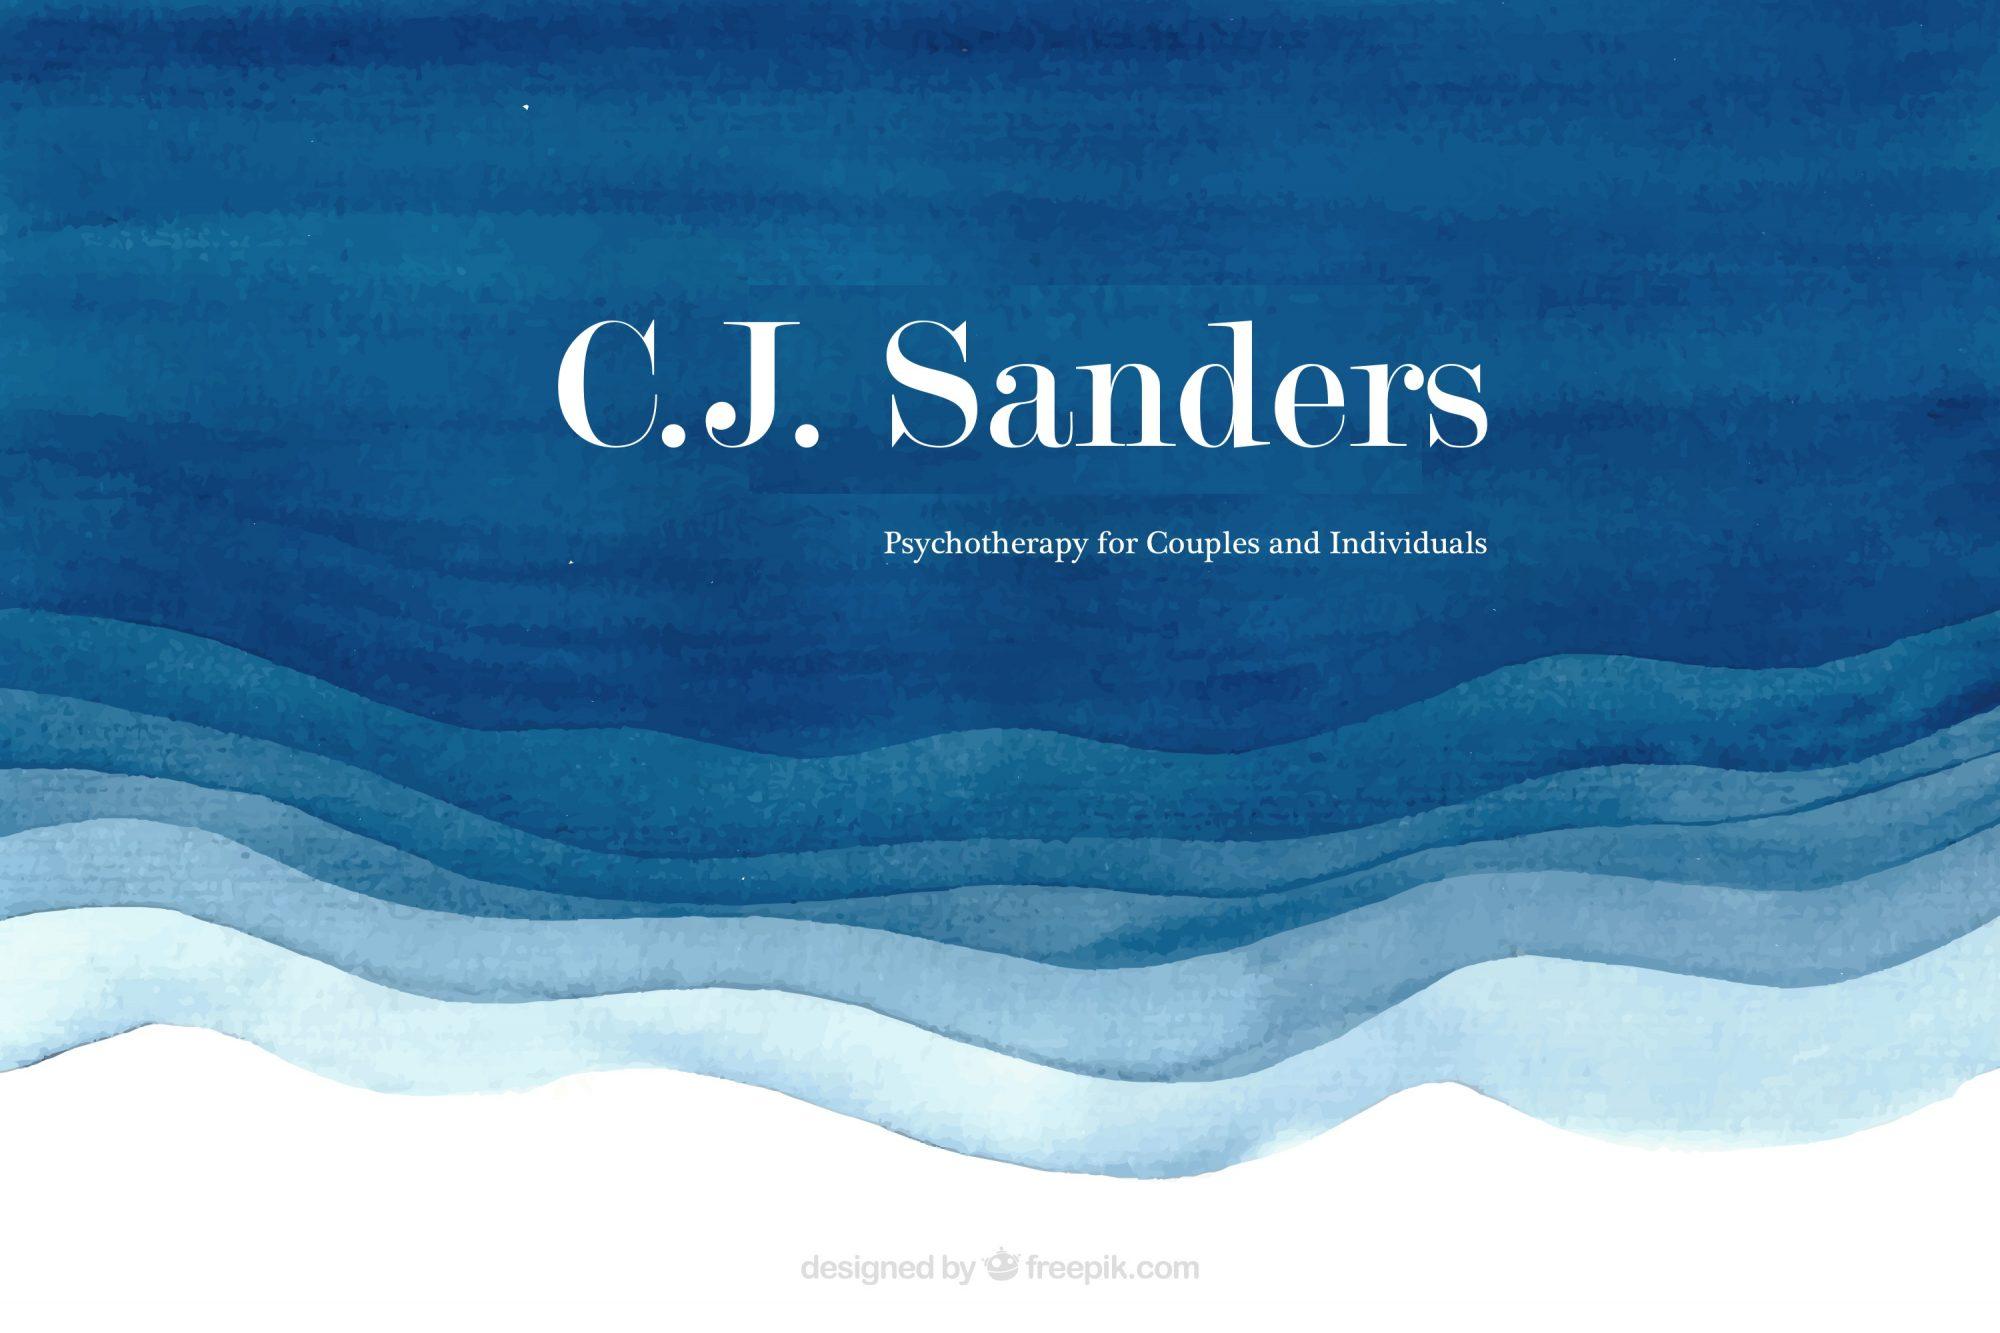 C.J. Sanders